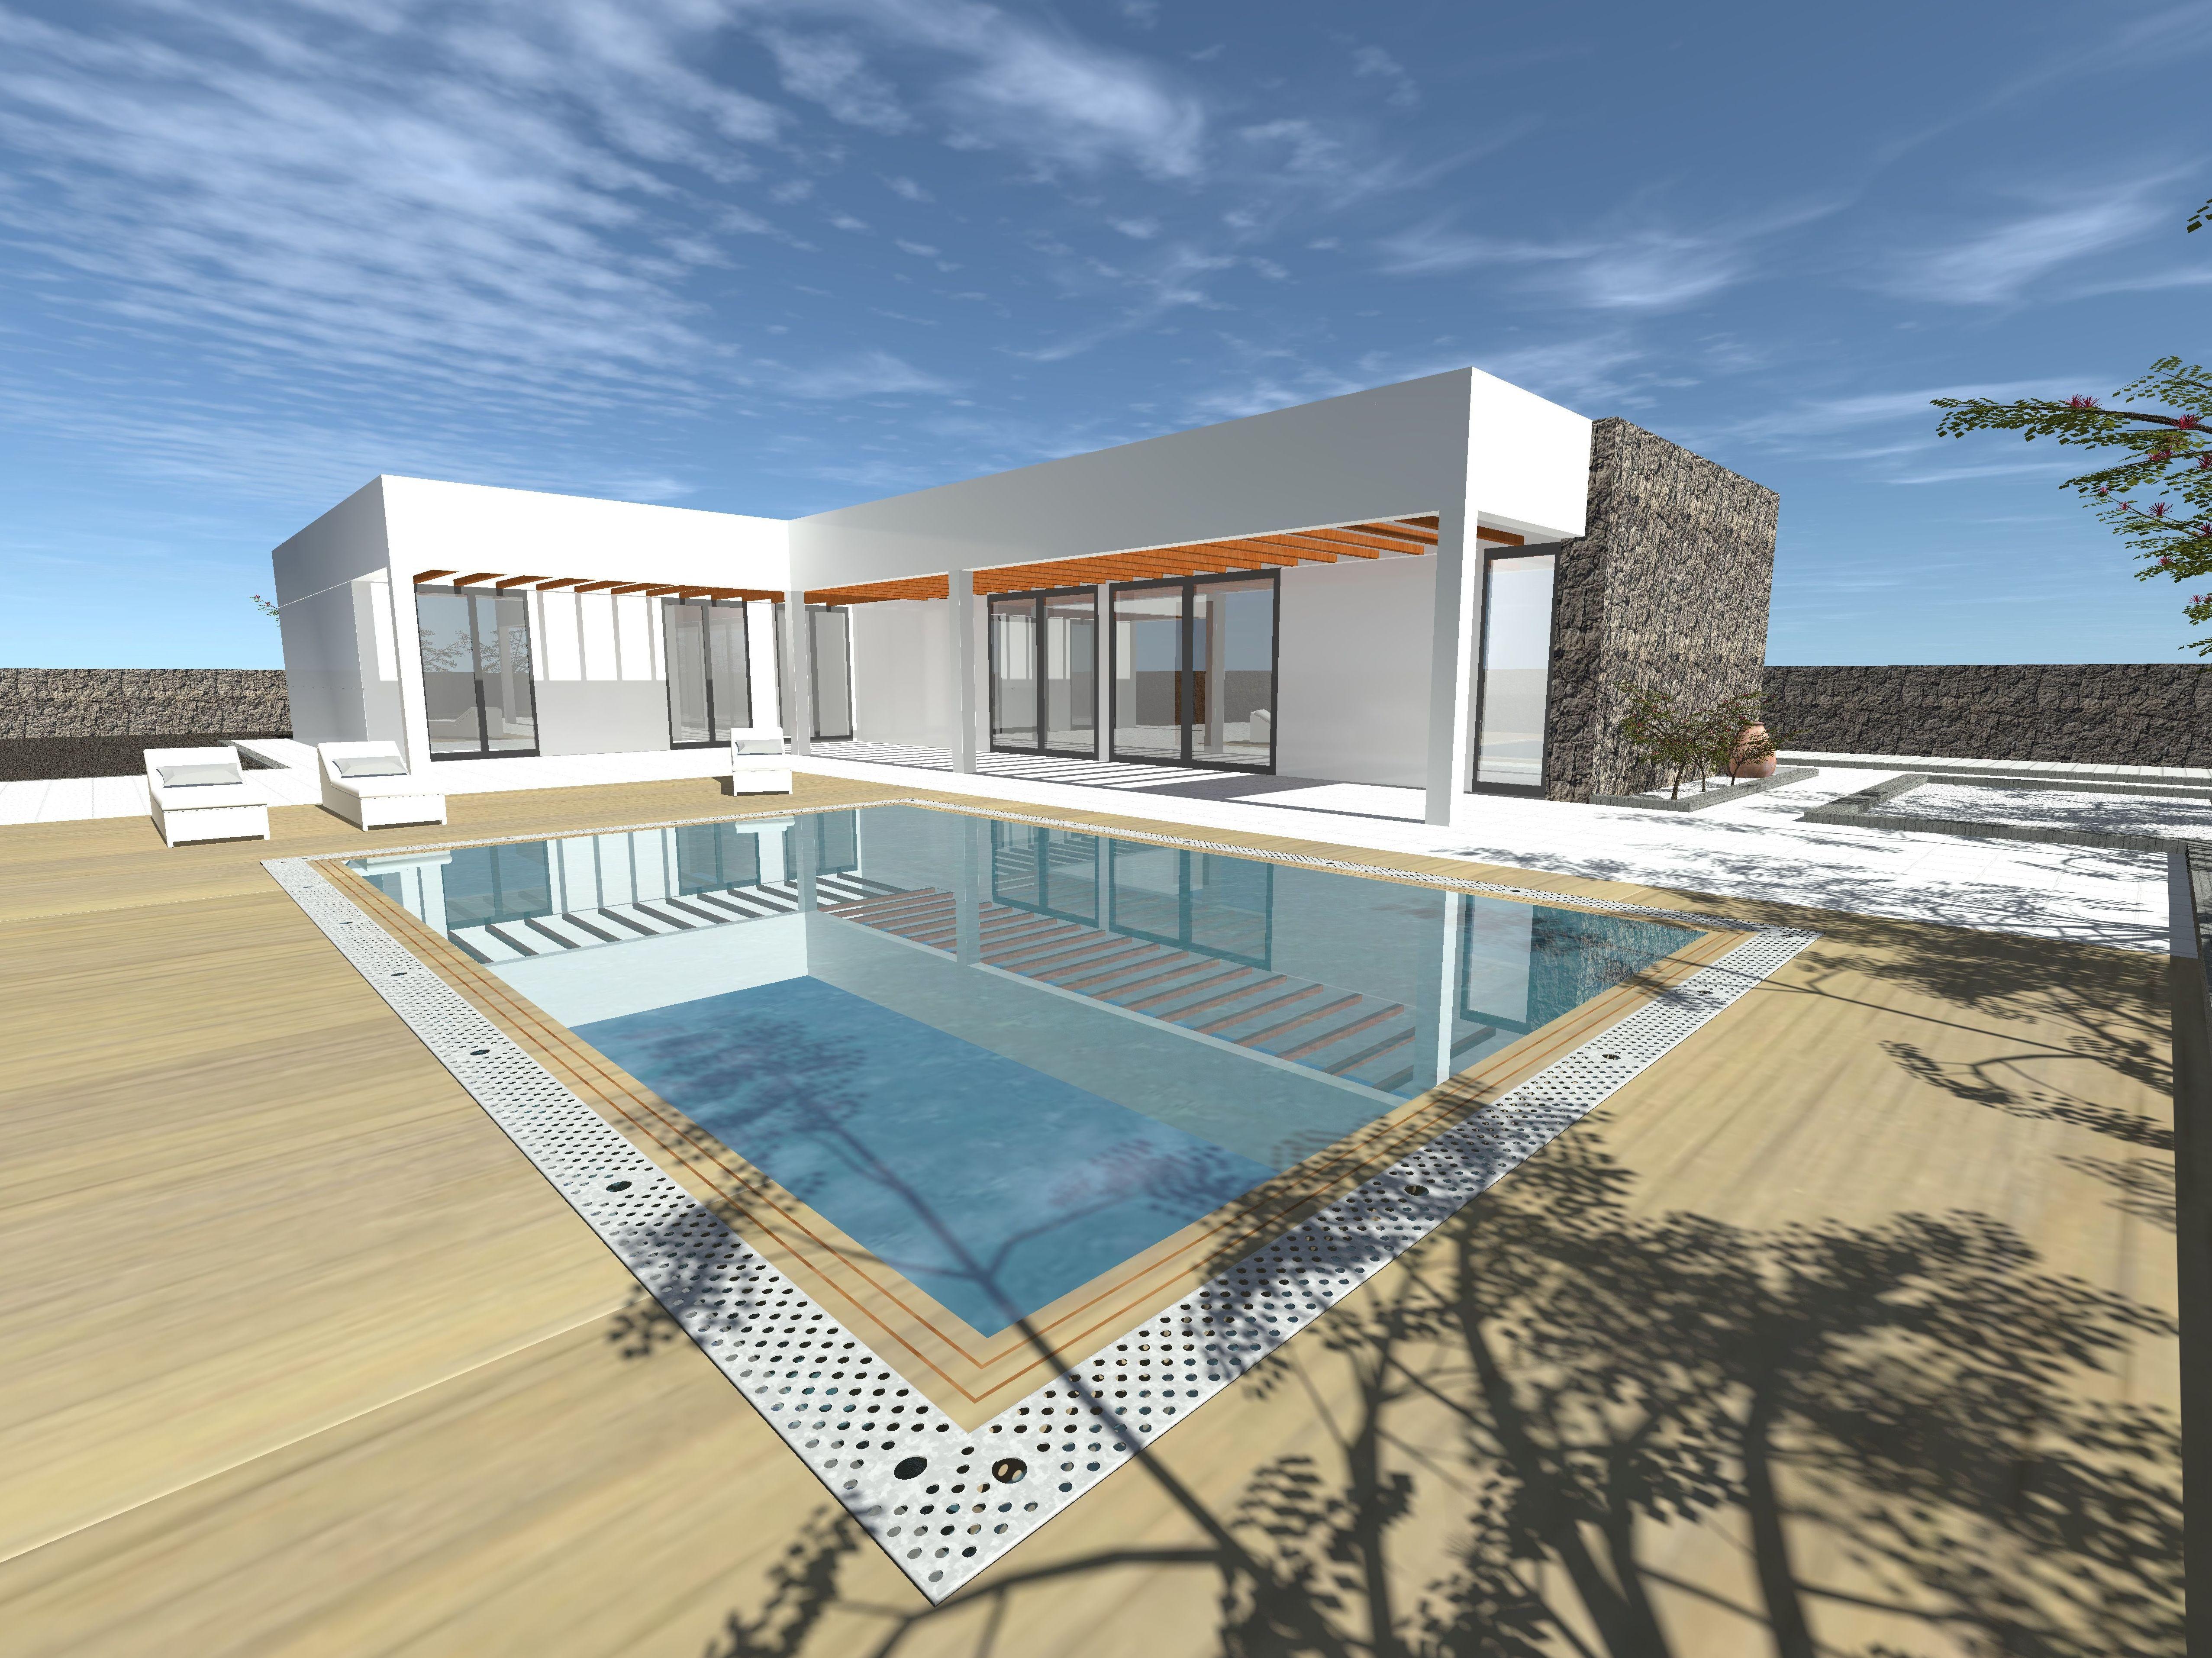 Terraza. Proyecto de vivienda unifamiliar aislada